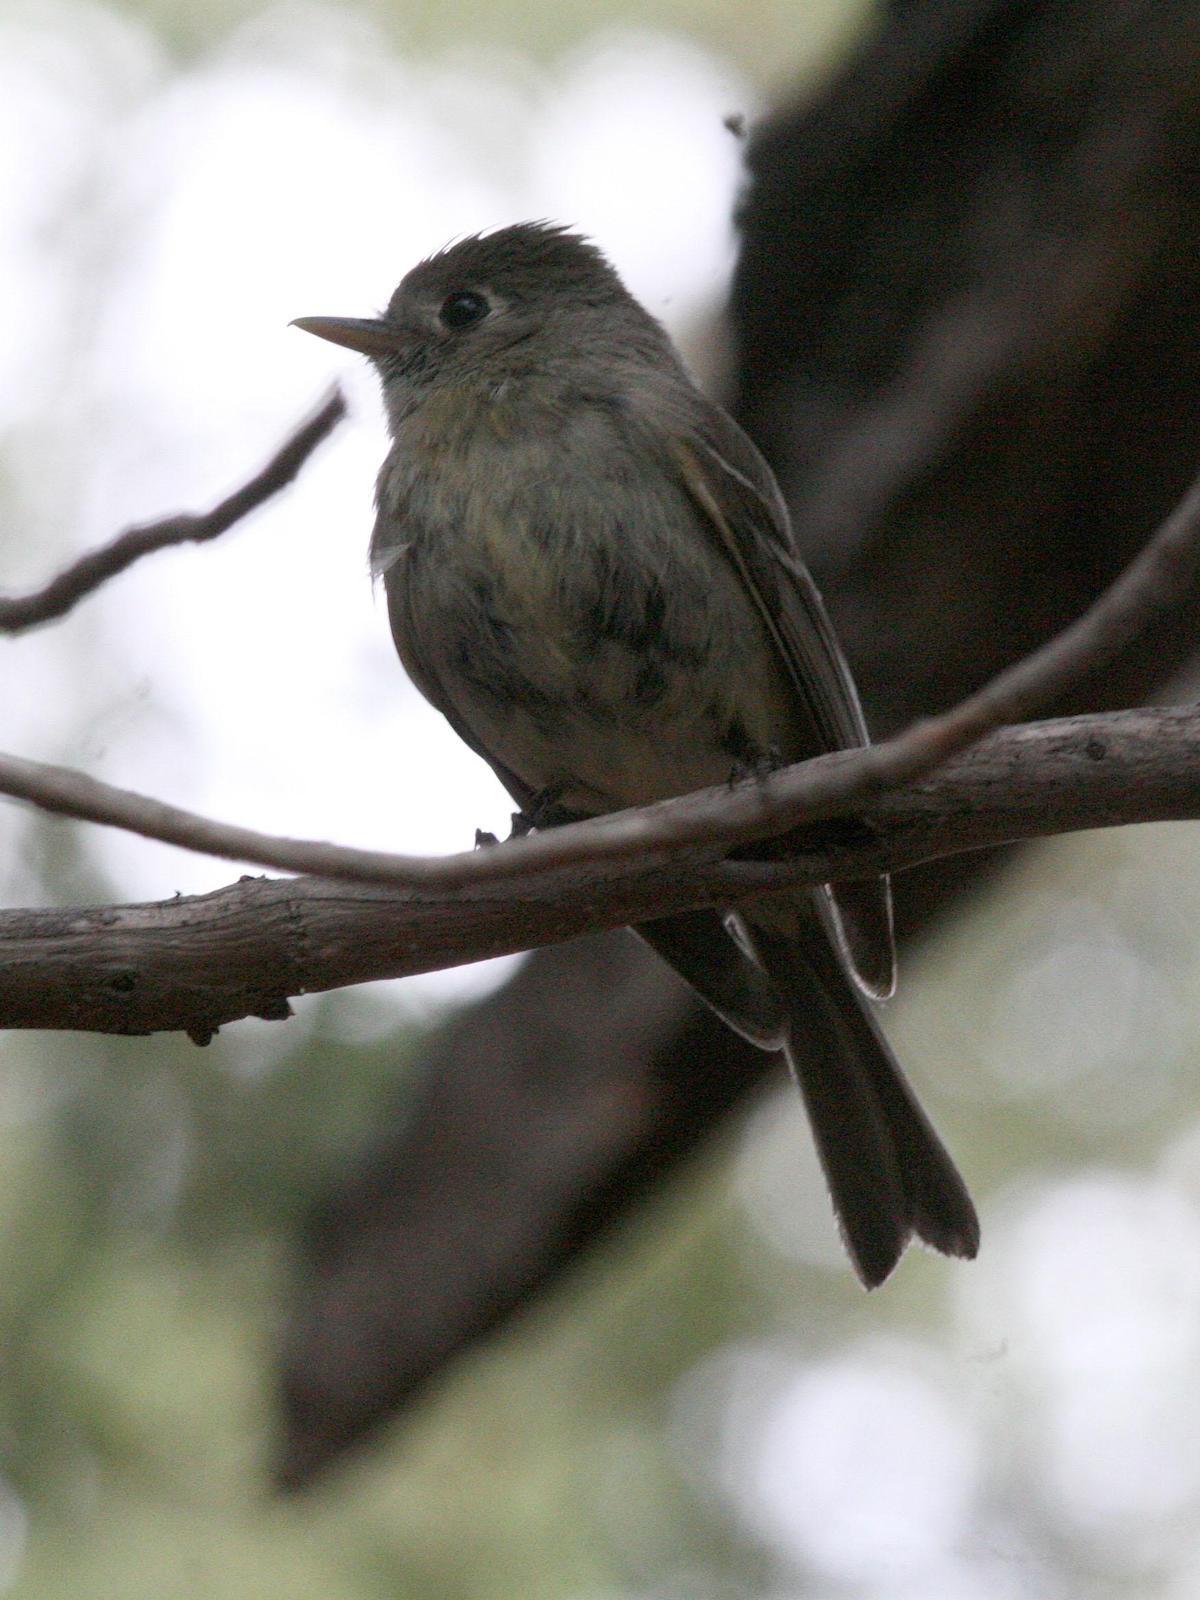 Pine Flycatcher Photo by David Sarkozi